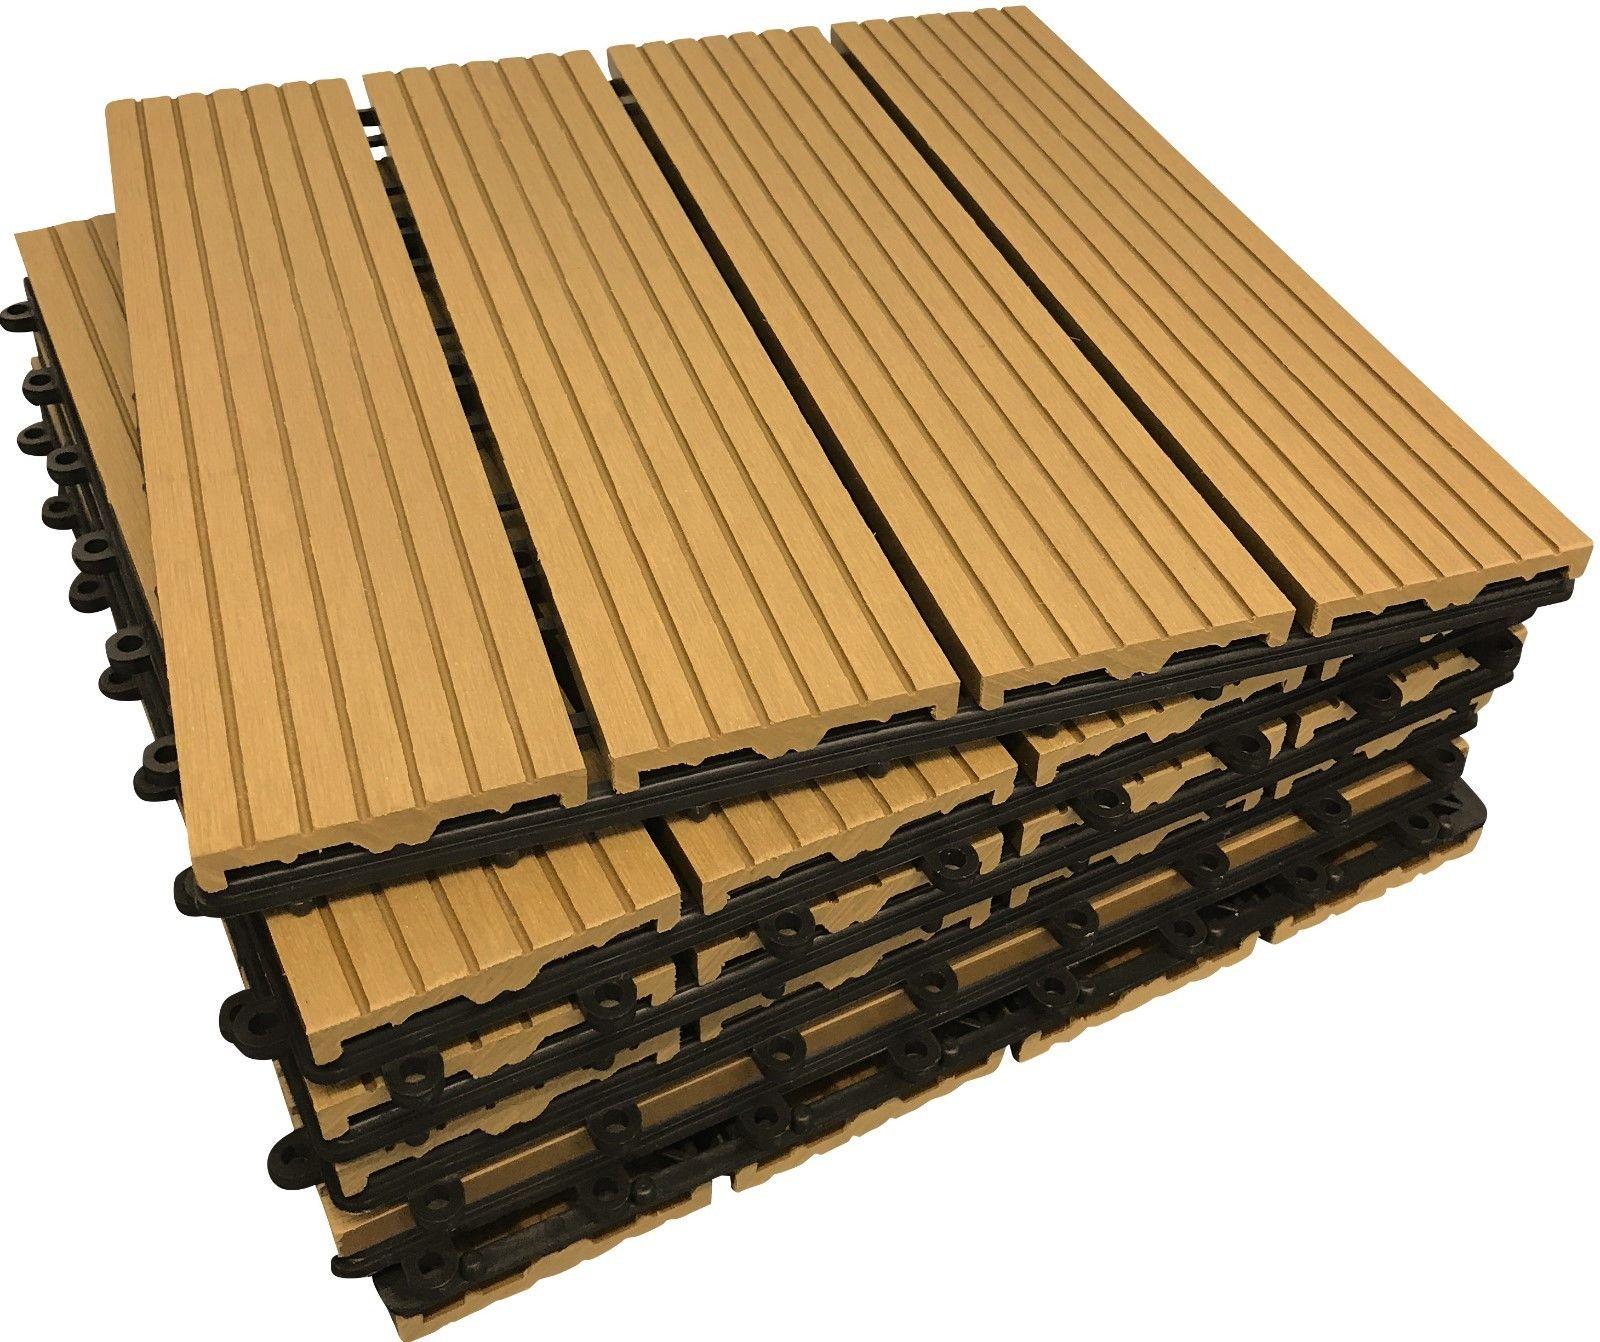 COMPOSITE DECKING TILES – Click on-Deck Interlocking Deck Tile Patio Balcony Garden